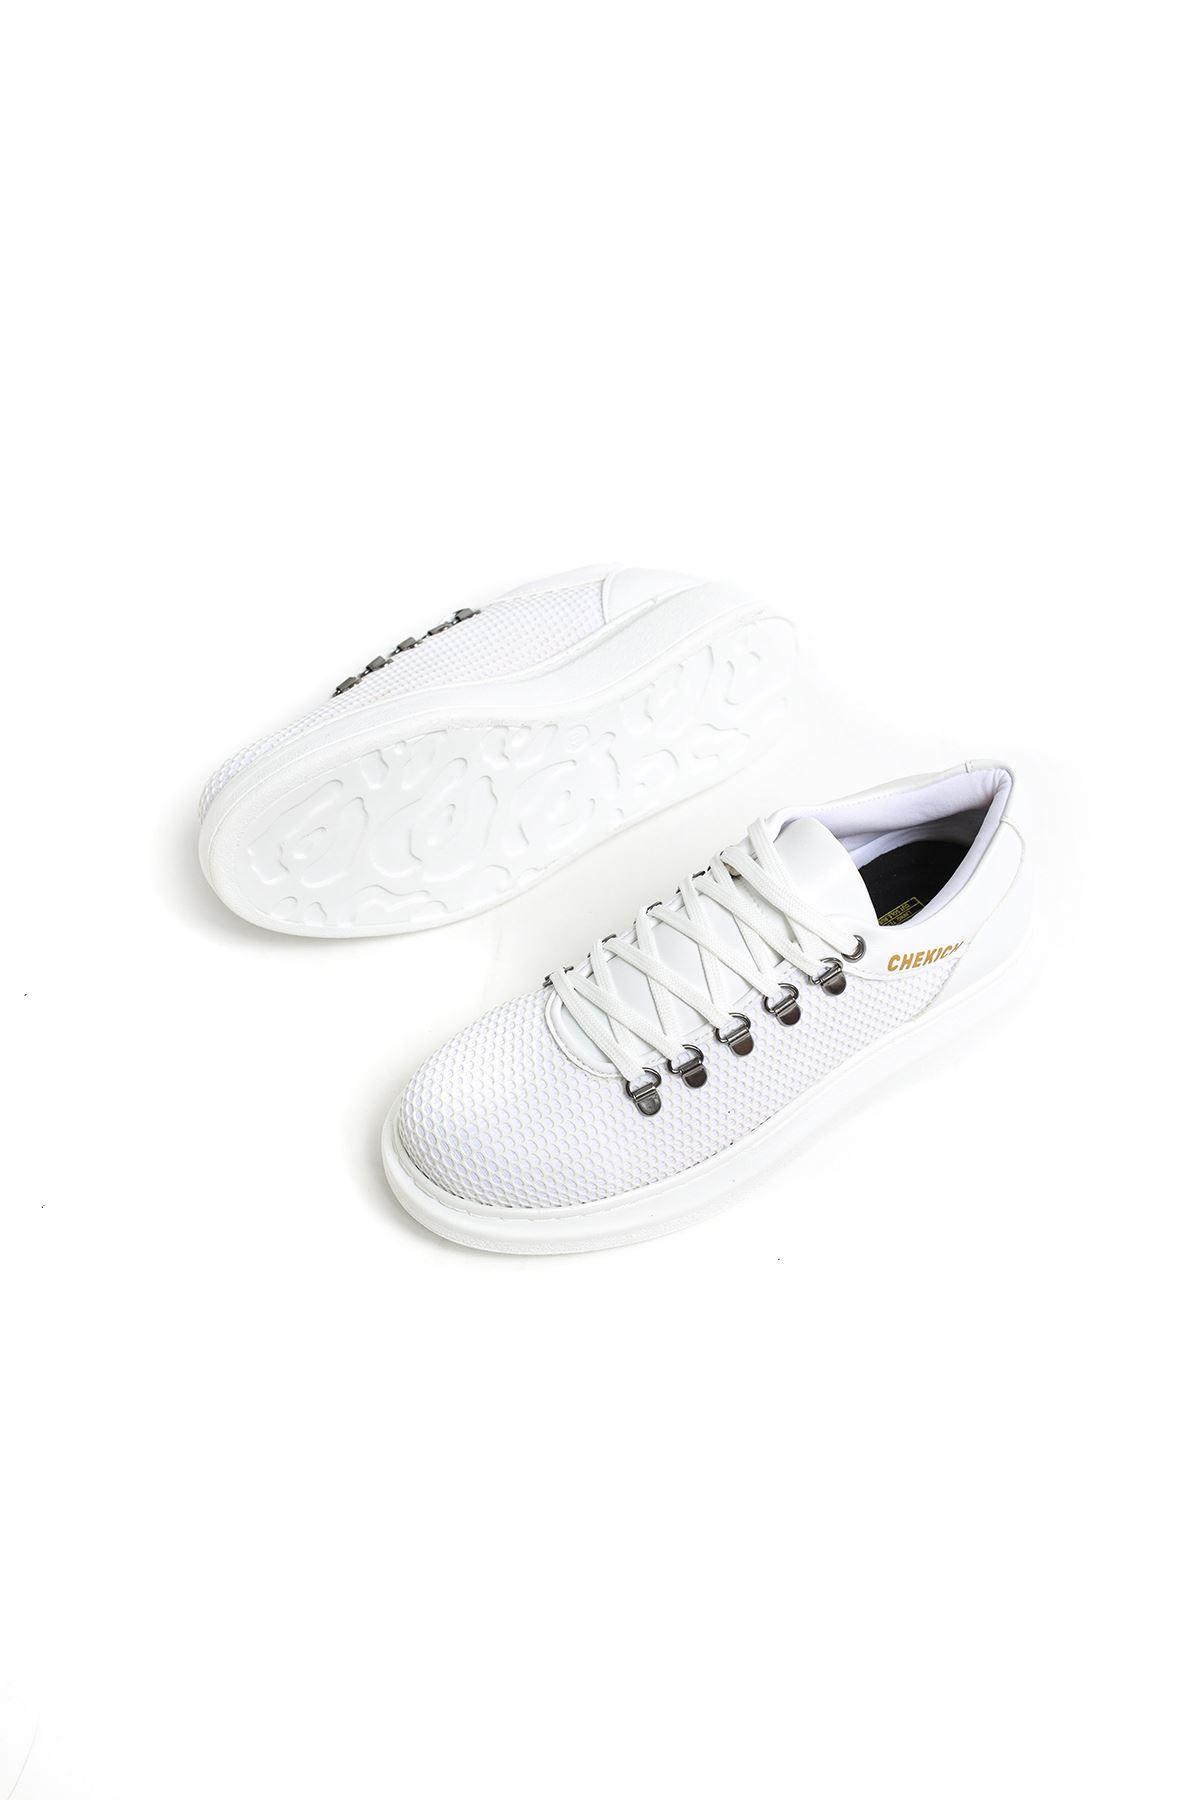 Chekich CH021 YBT Erkek Ayakkabı BEYAZ